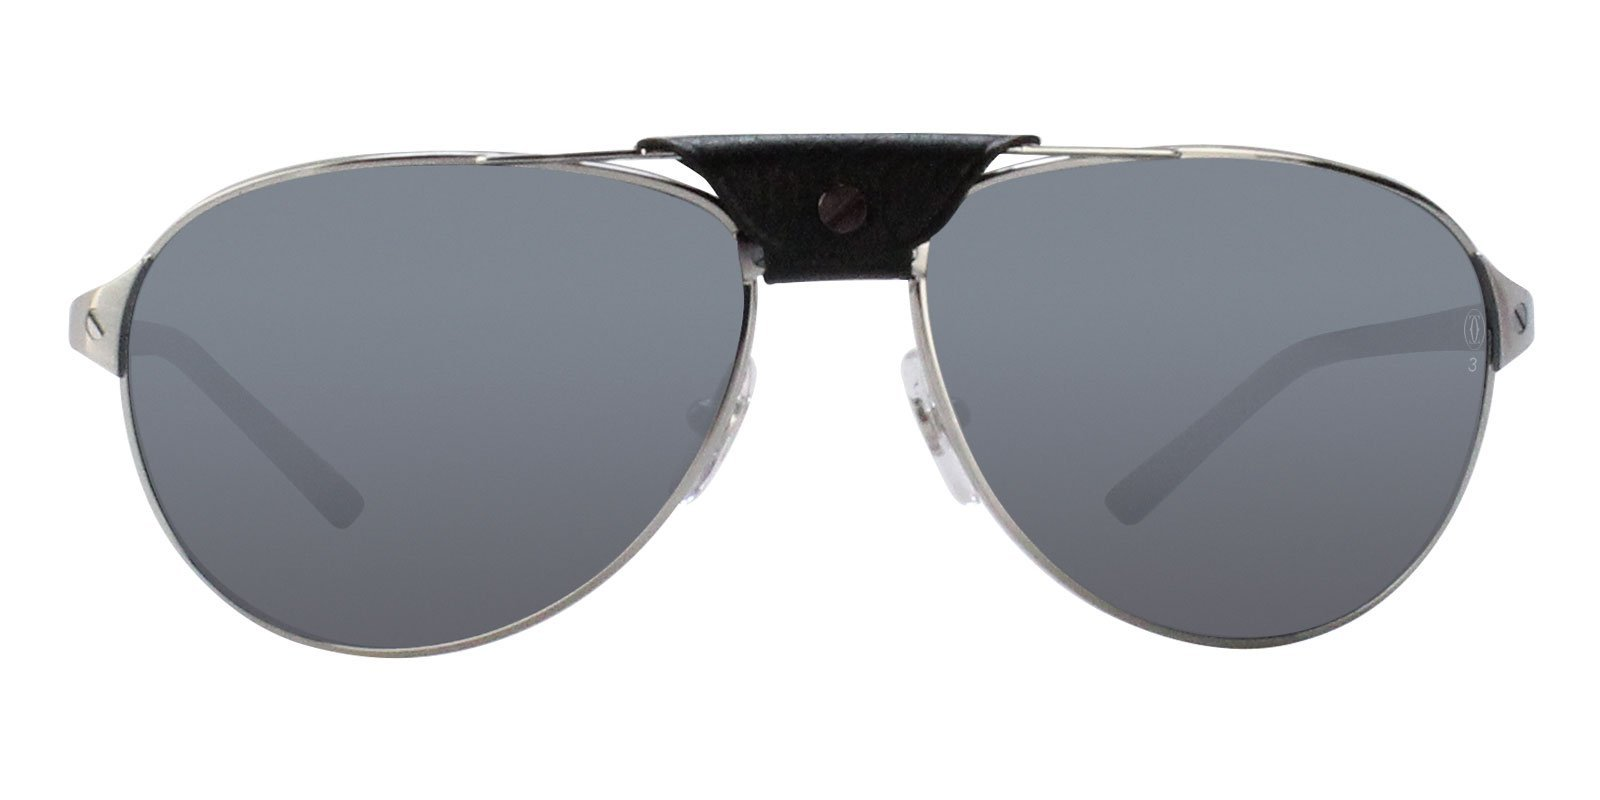 0858d46d013 cartier-sunglasses-cartier-santos-dumont-esw00063-designer-eyes ...